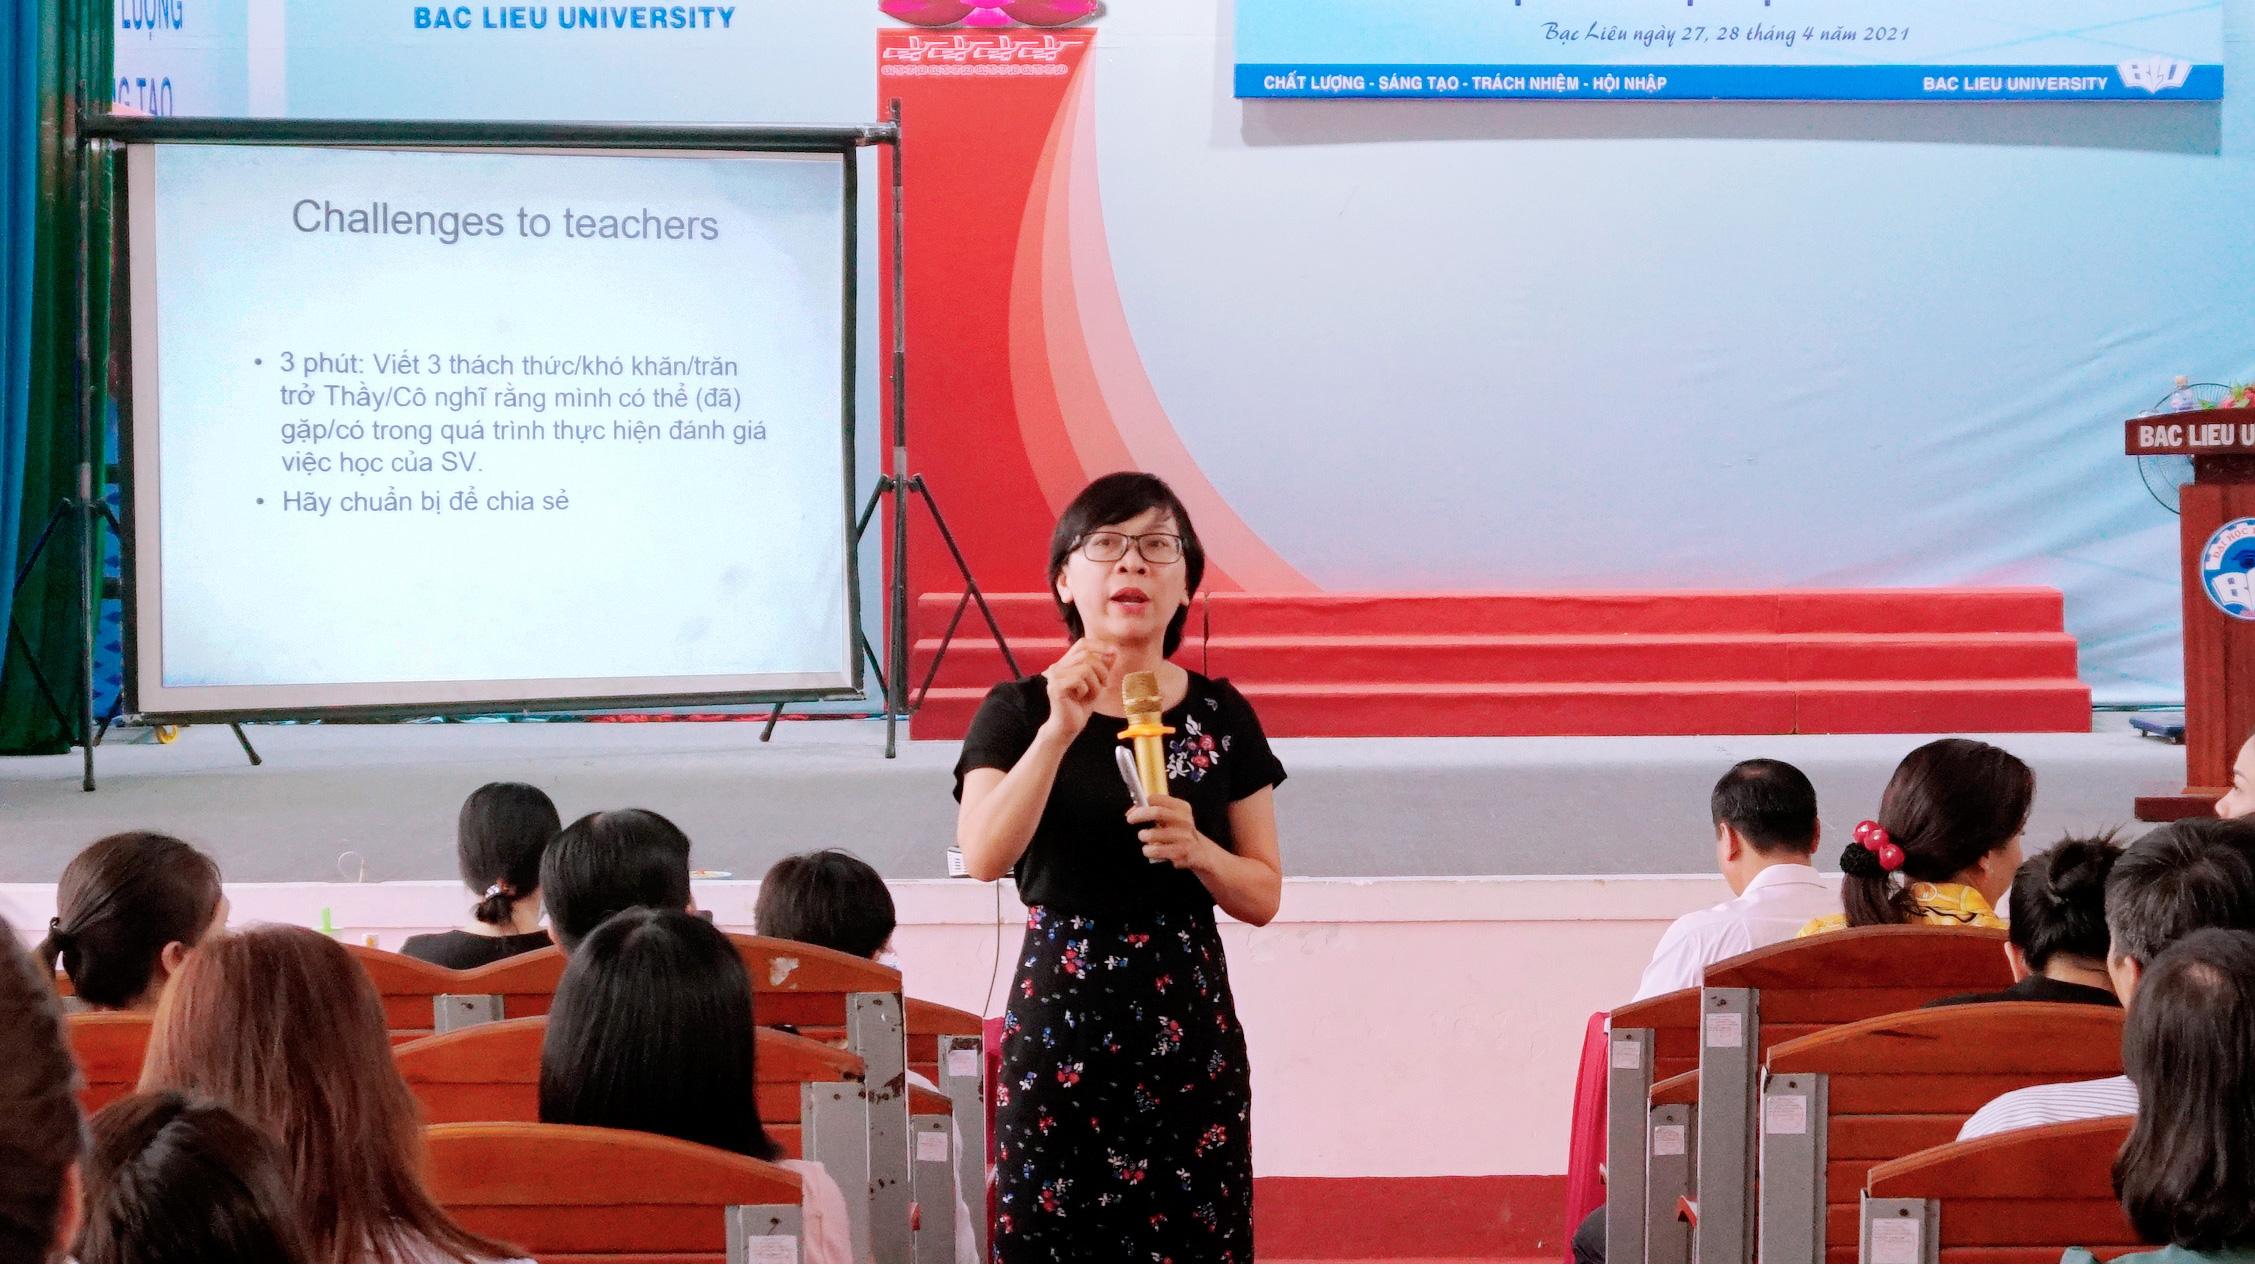 Trường đại học Bạc Liêu tập huấn cách thức triển khai  đo lường và đánh giá học phần